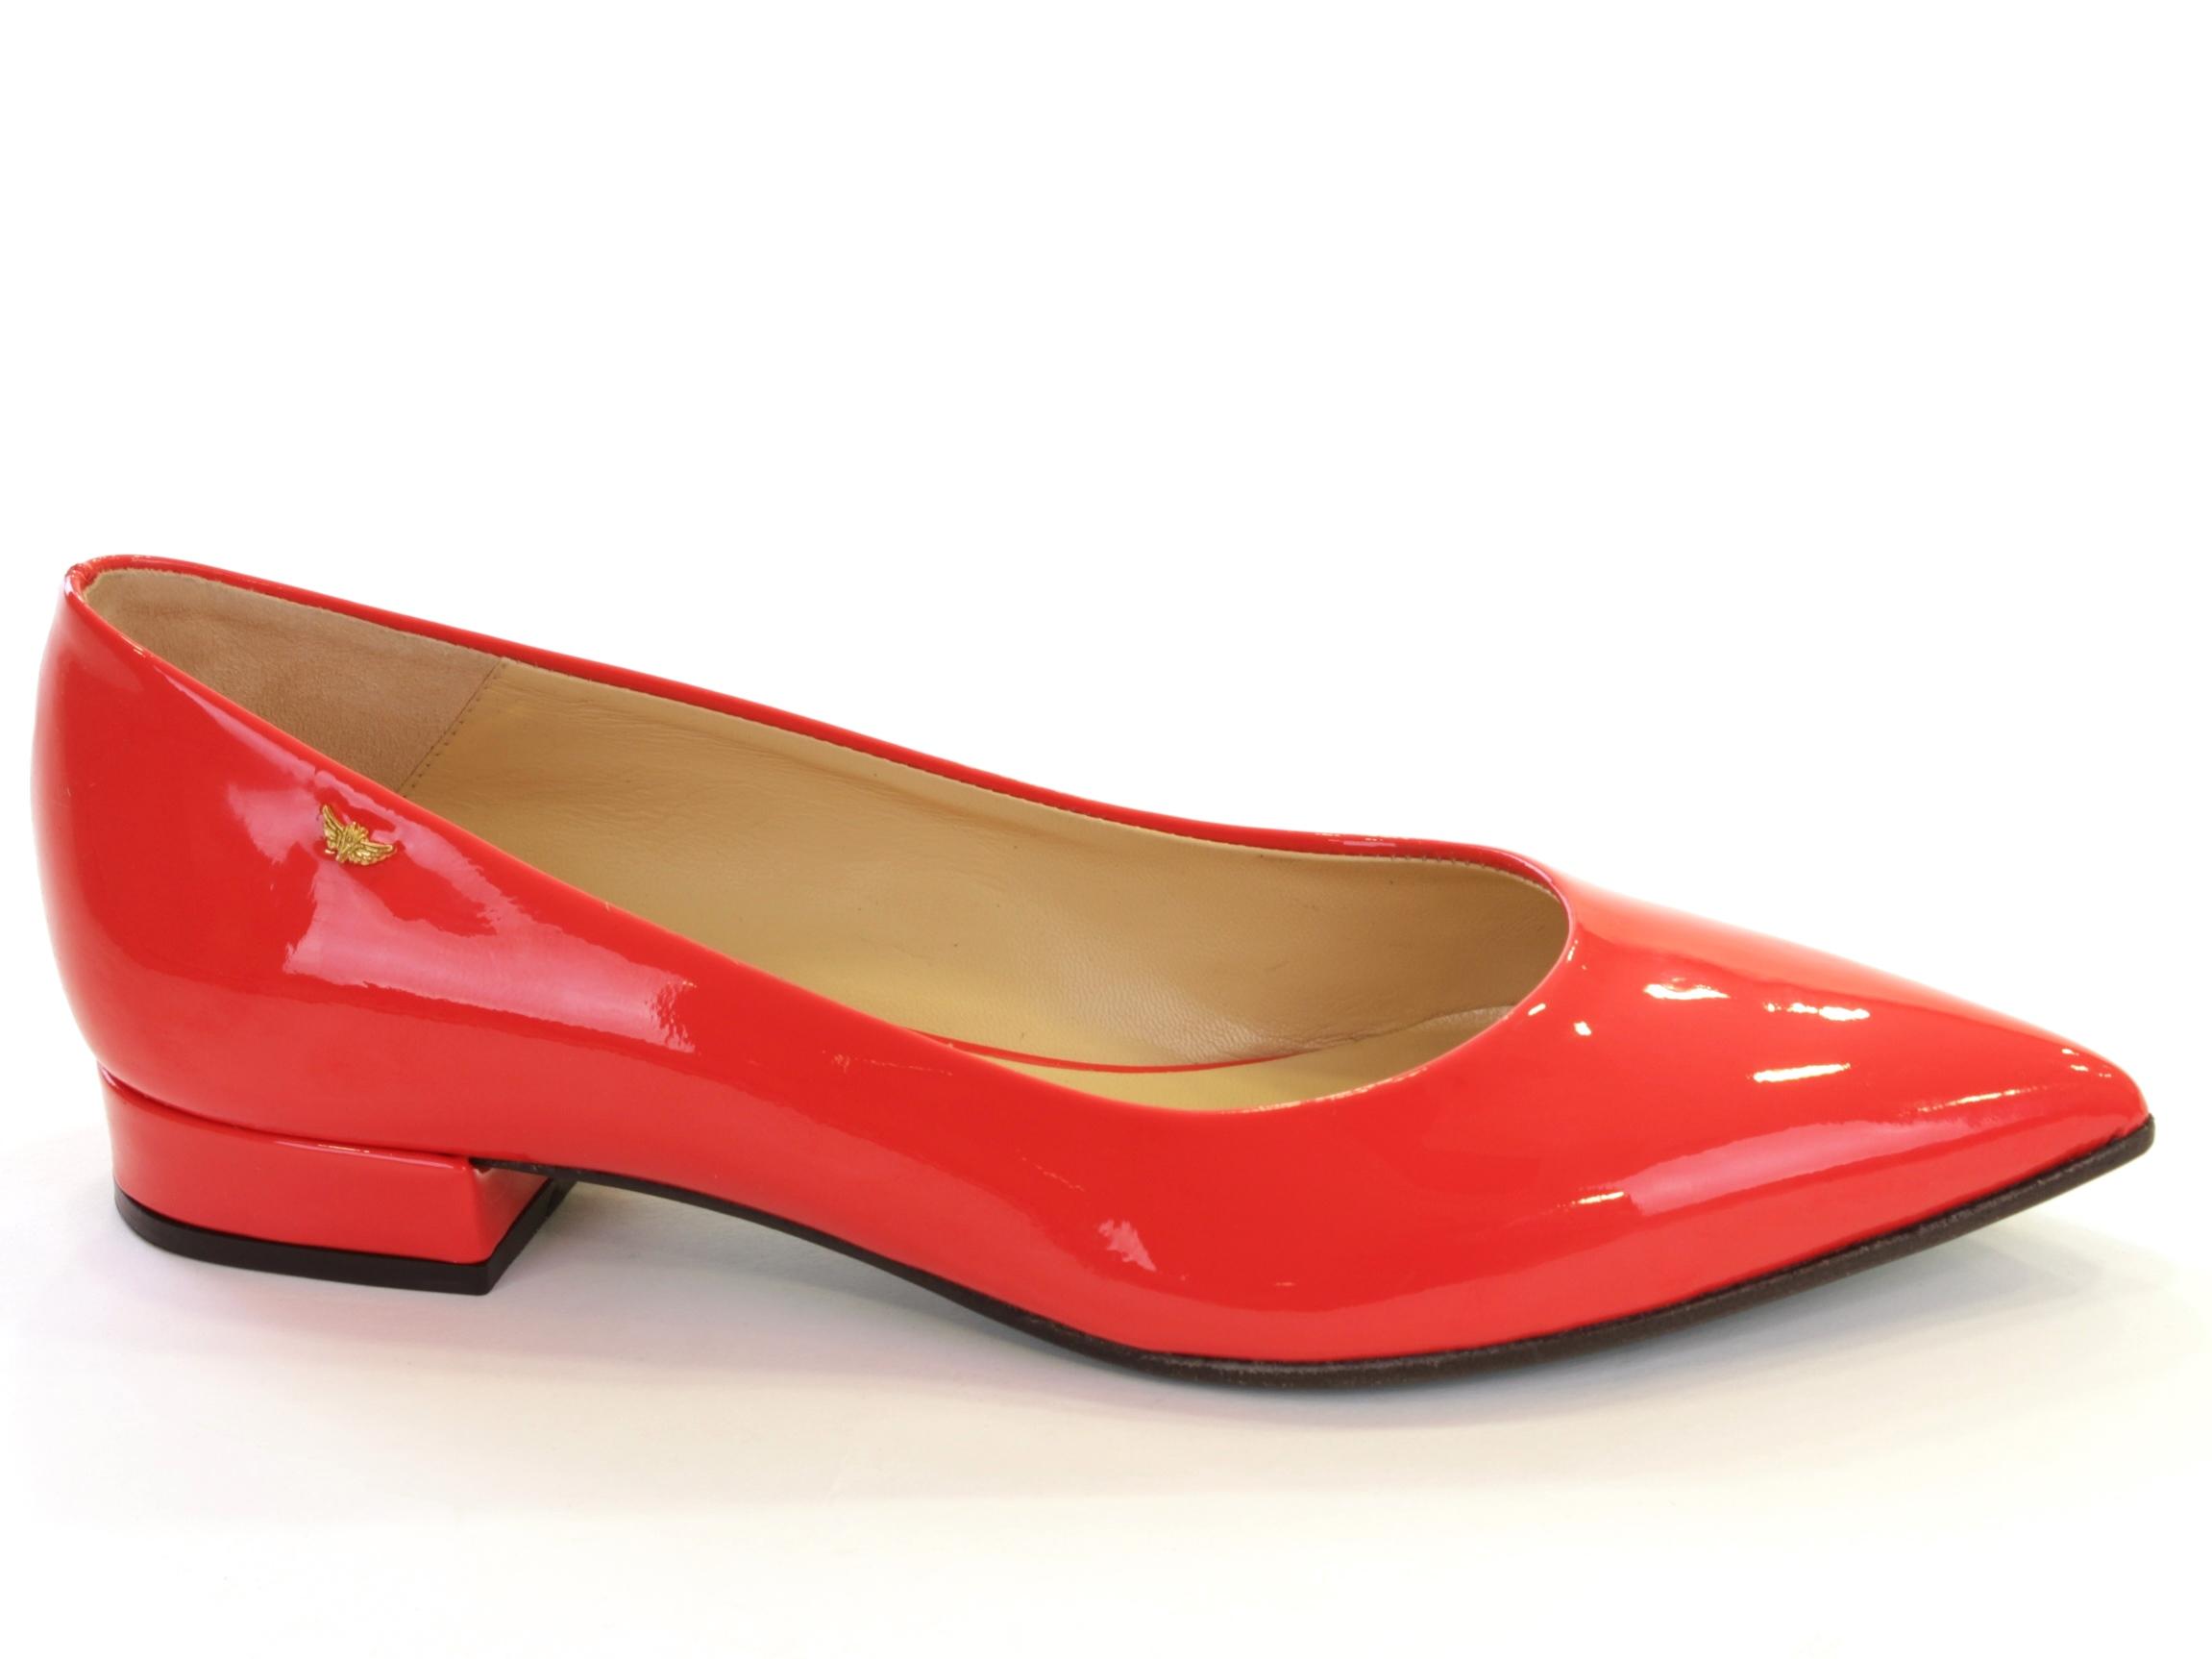 Chaussures Plates, Ballerine, Mocassins Miguel Vieira - 001 MVW17021